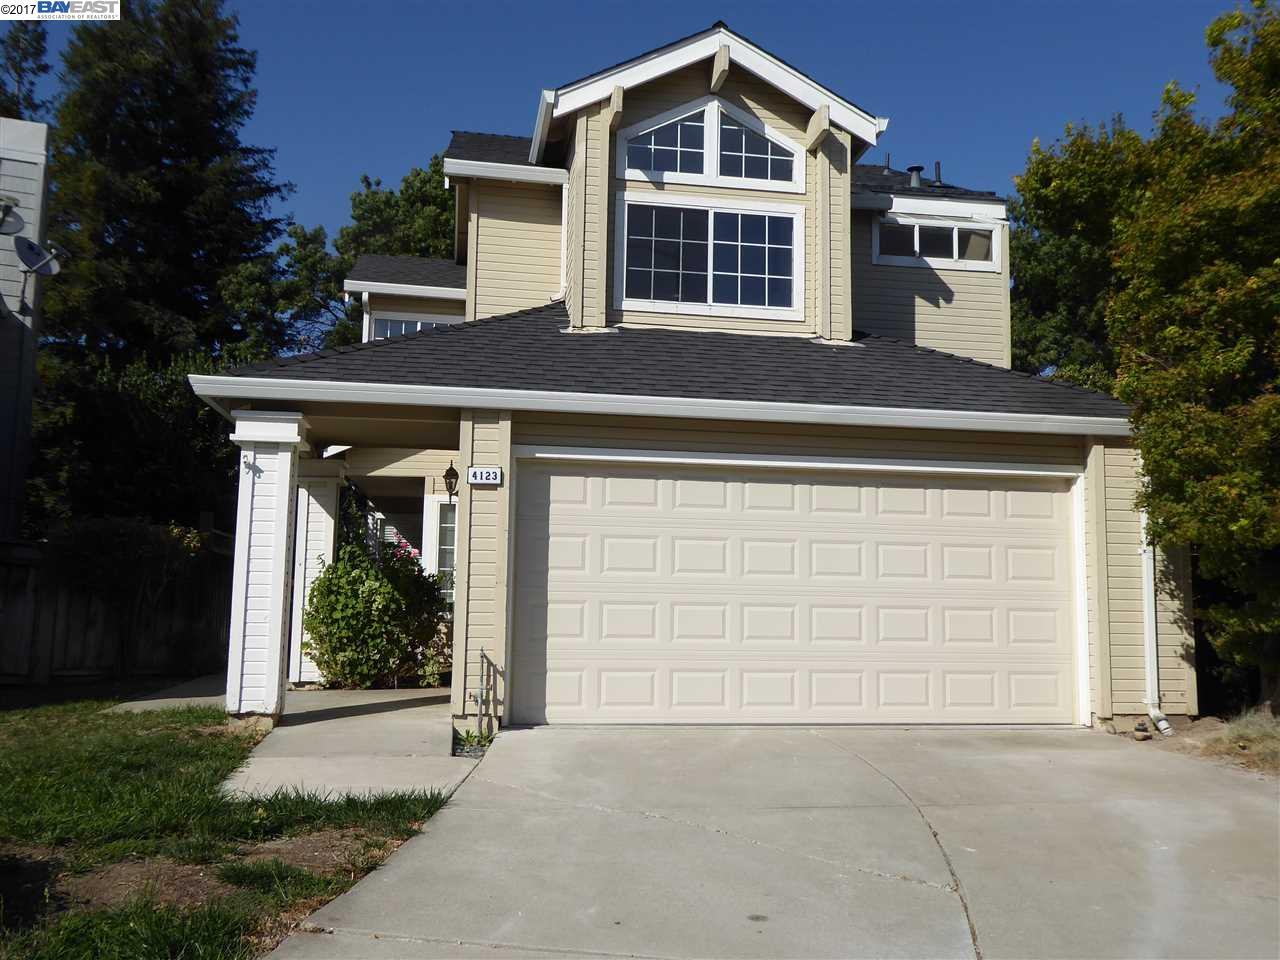 一戸建て のために 賃貸 アット 4123 Lethram Court Pleasanton, カリフォルニア 94588 アメリカ合衆国